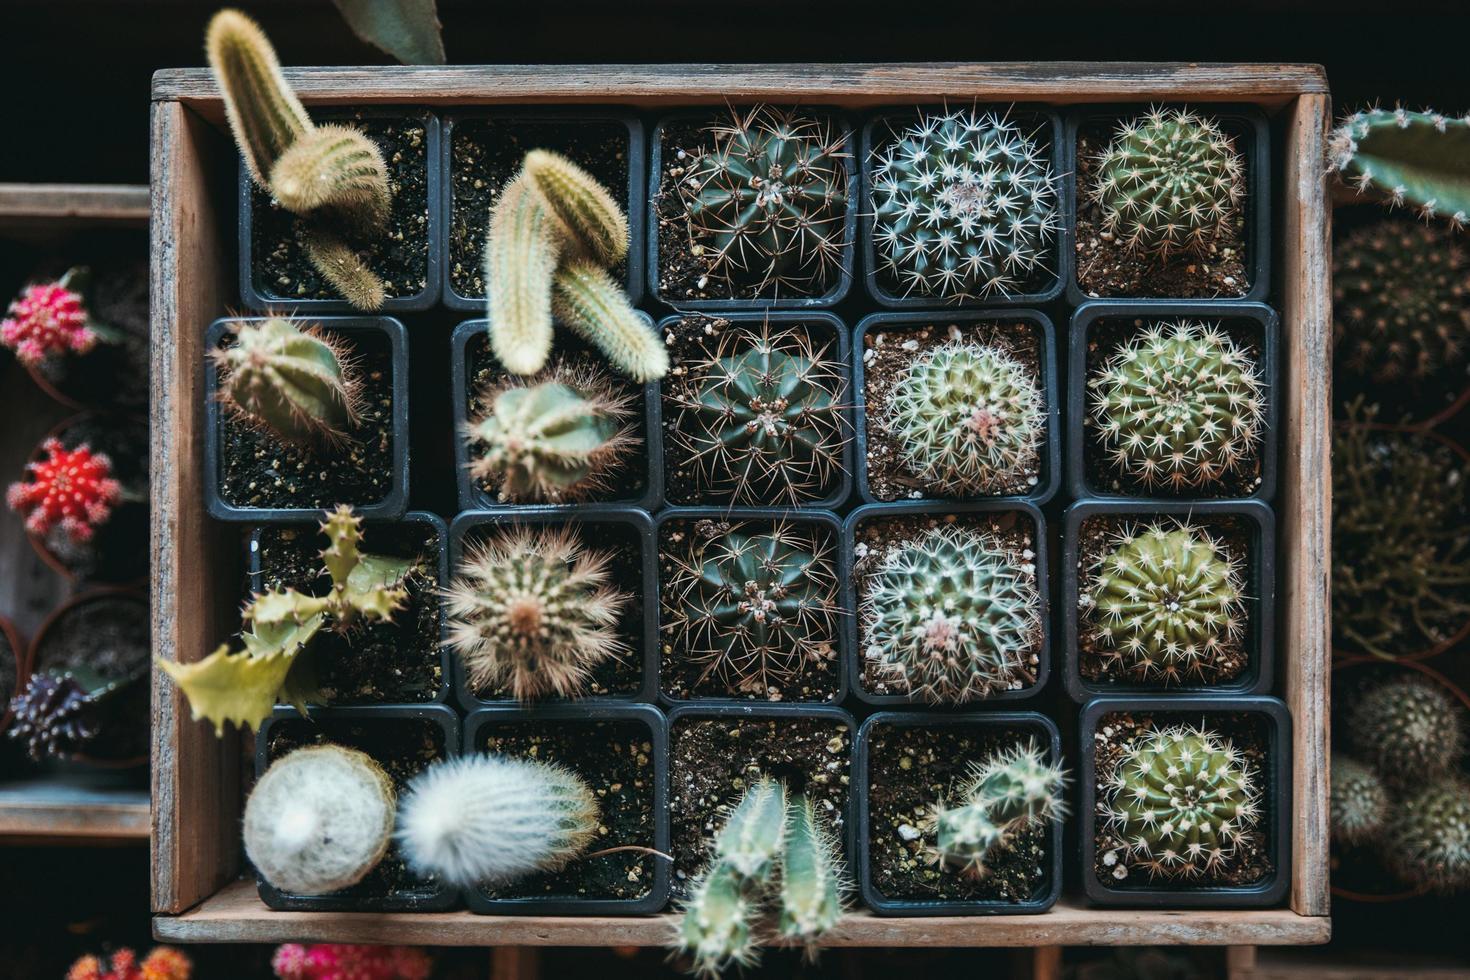 una scatola piena di cactus verdi foto